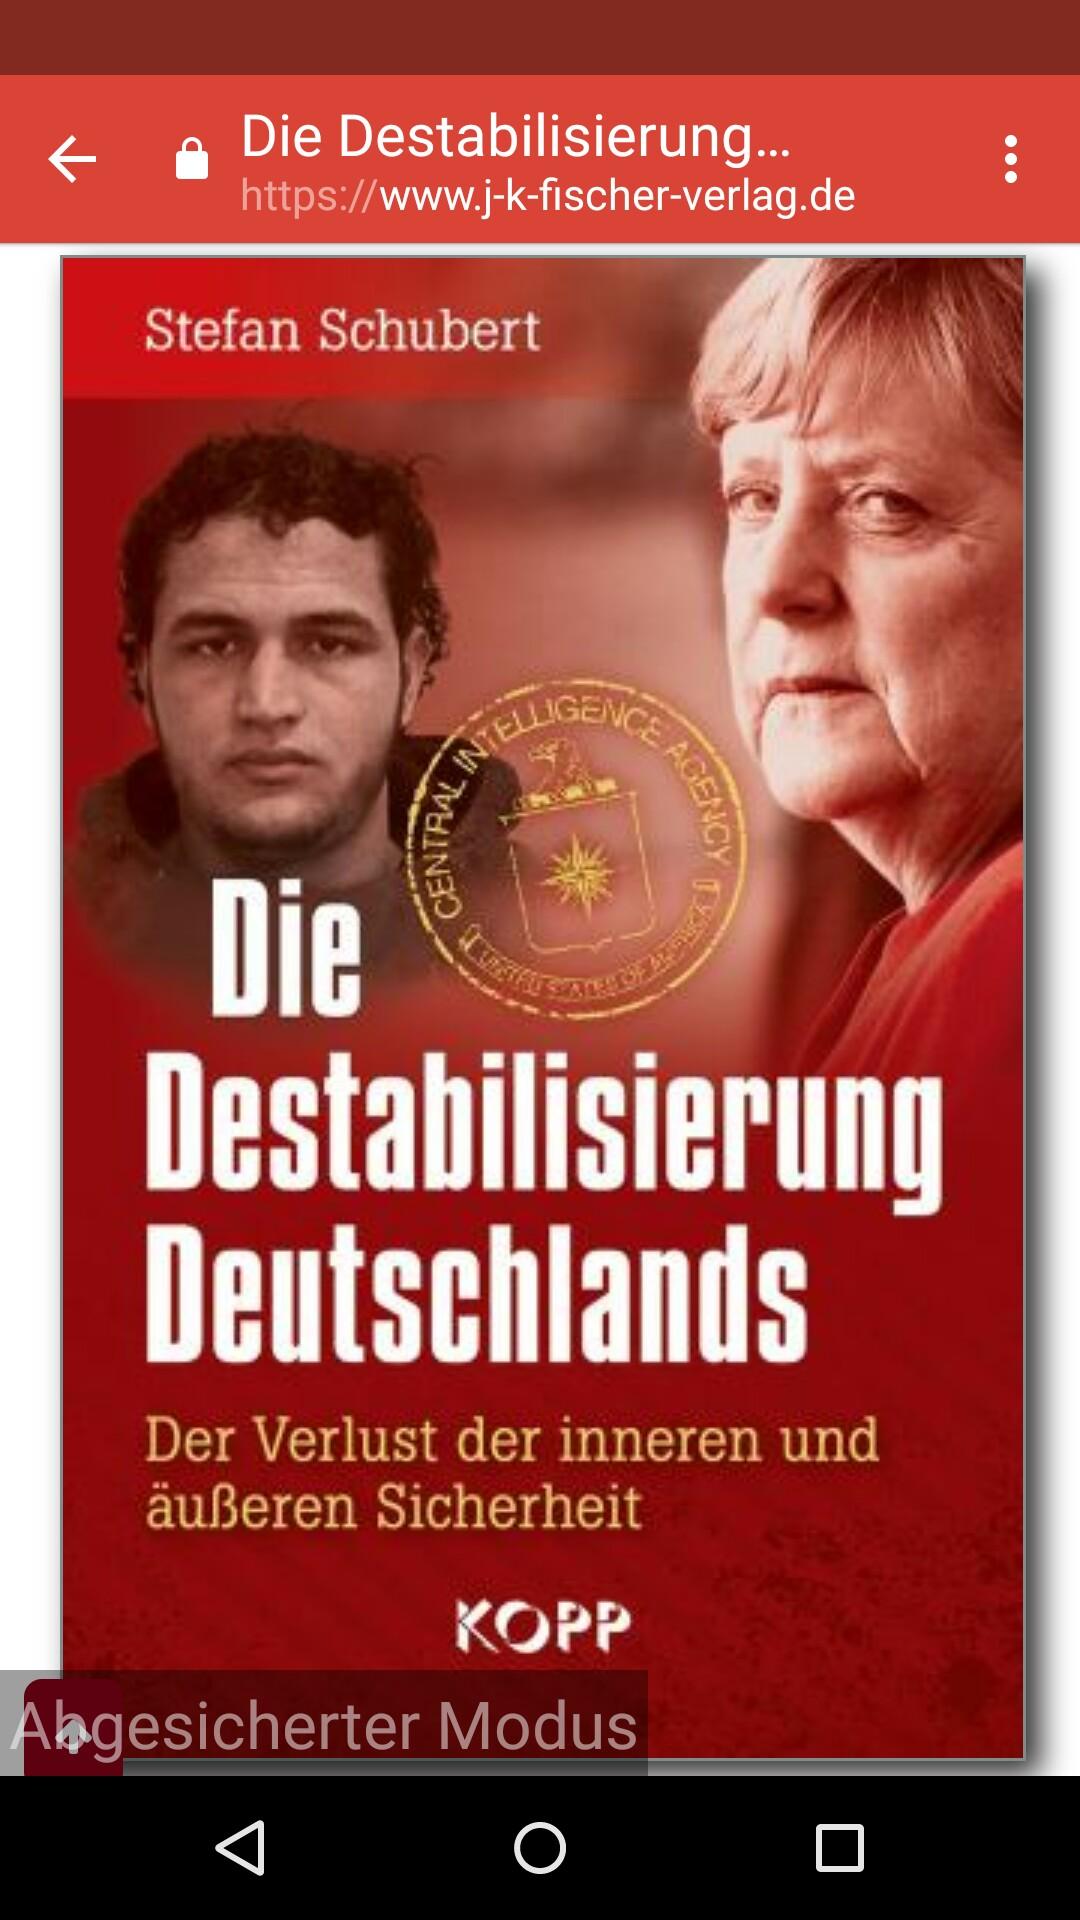 Mein Brandbrief an Frau Alice Weidel zum anstehenden UN Migrationspakt…BITTE VERBREITEN!